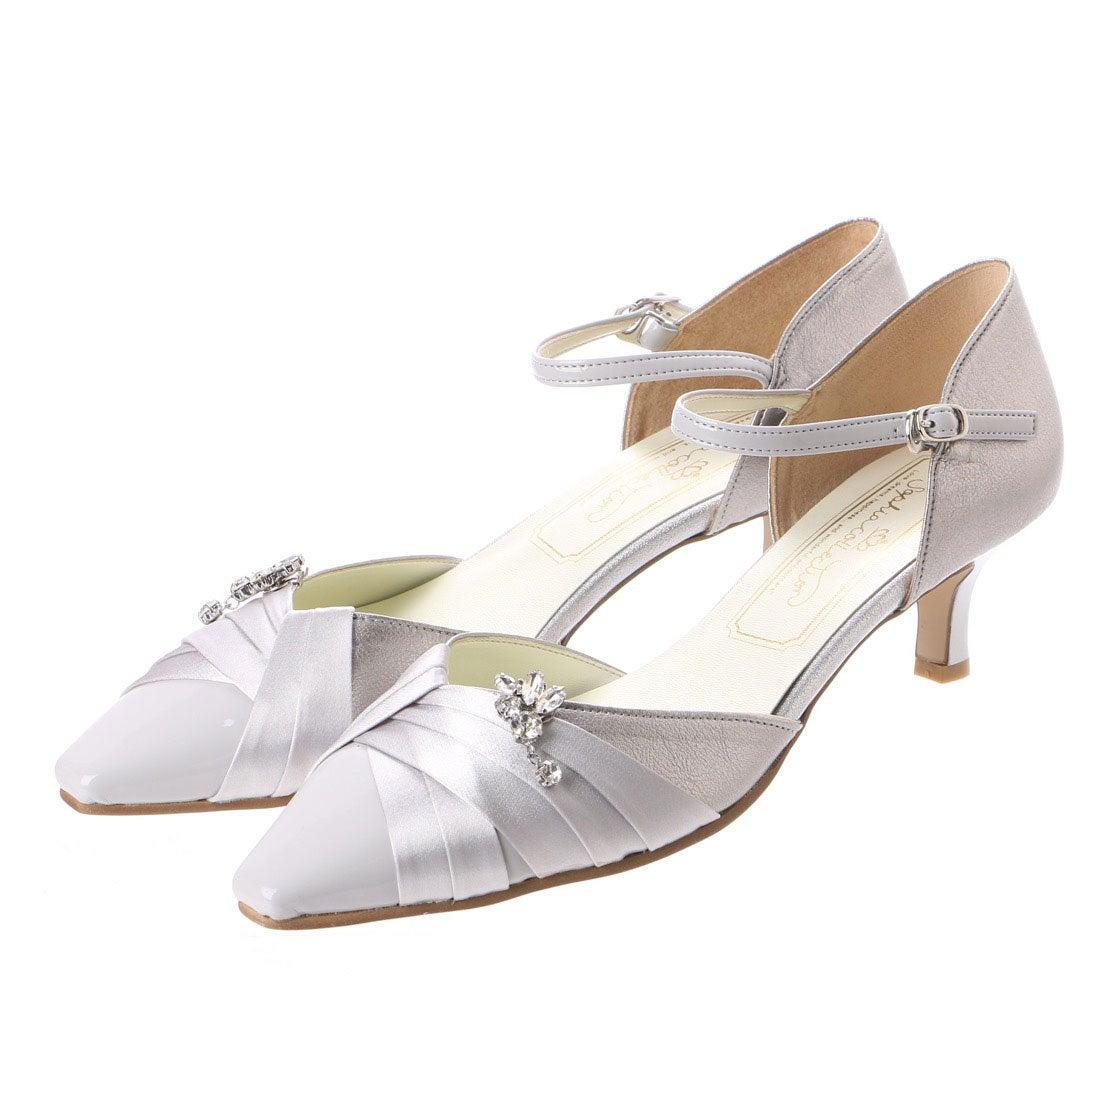 ロコンド 靴とファッションの通販サイトソフィアコレクションSophiacollectionブライダルパンプス(シルバー)